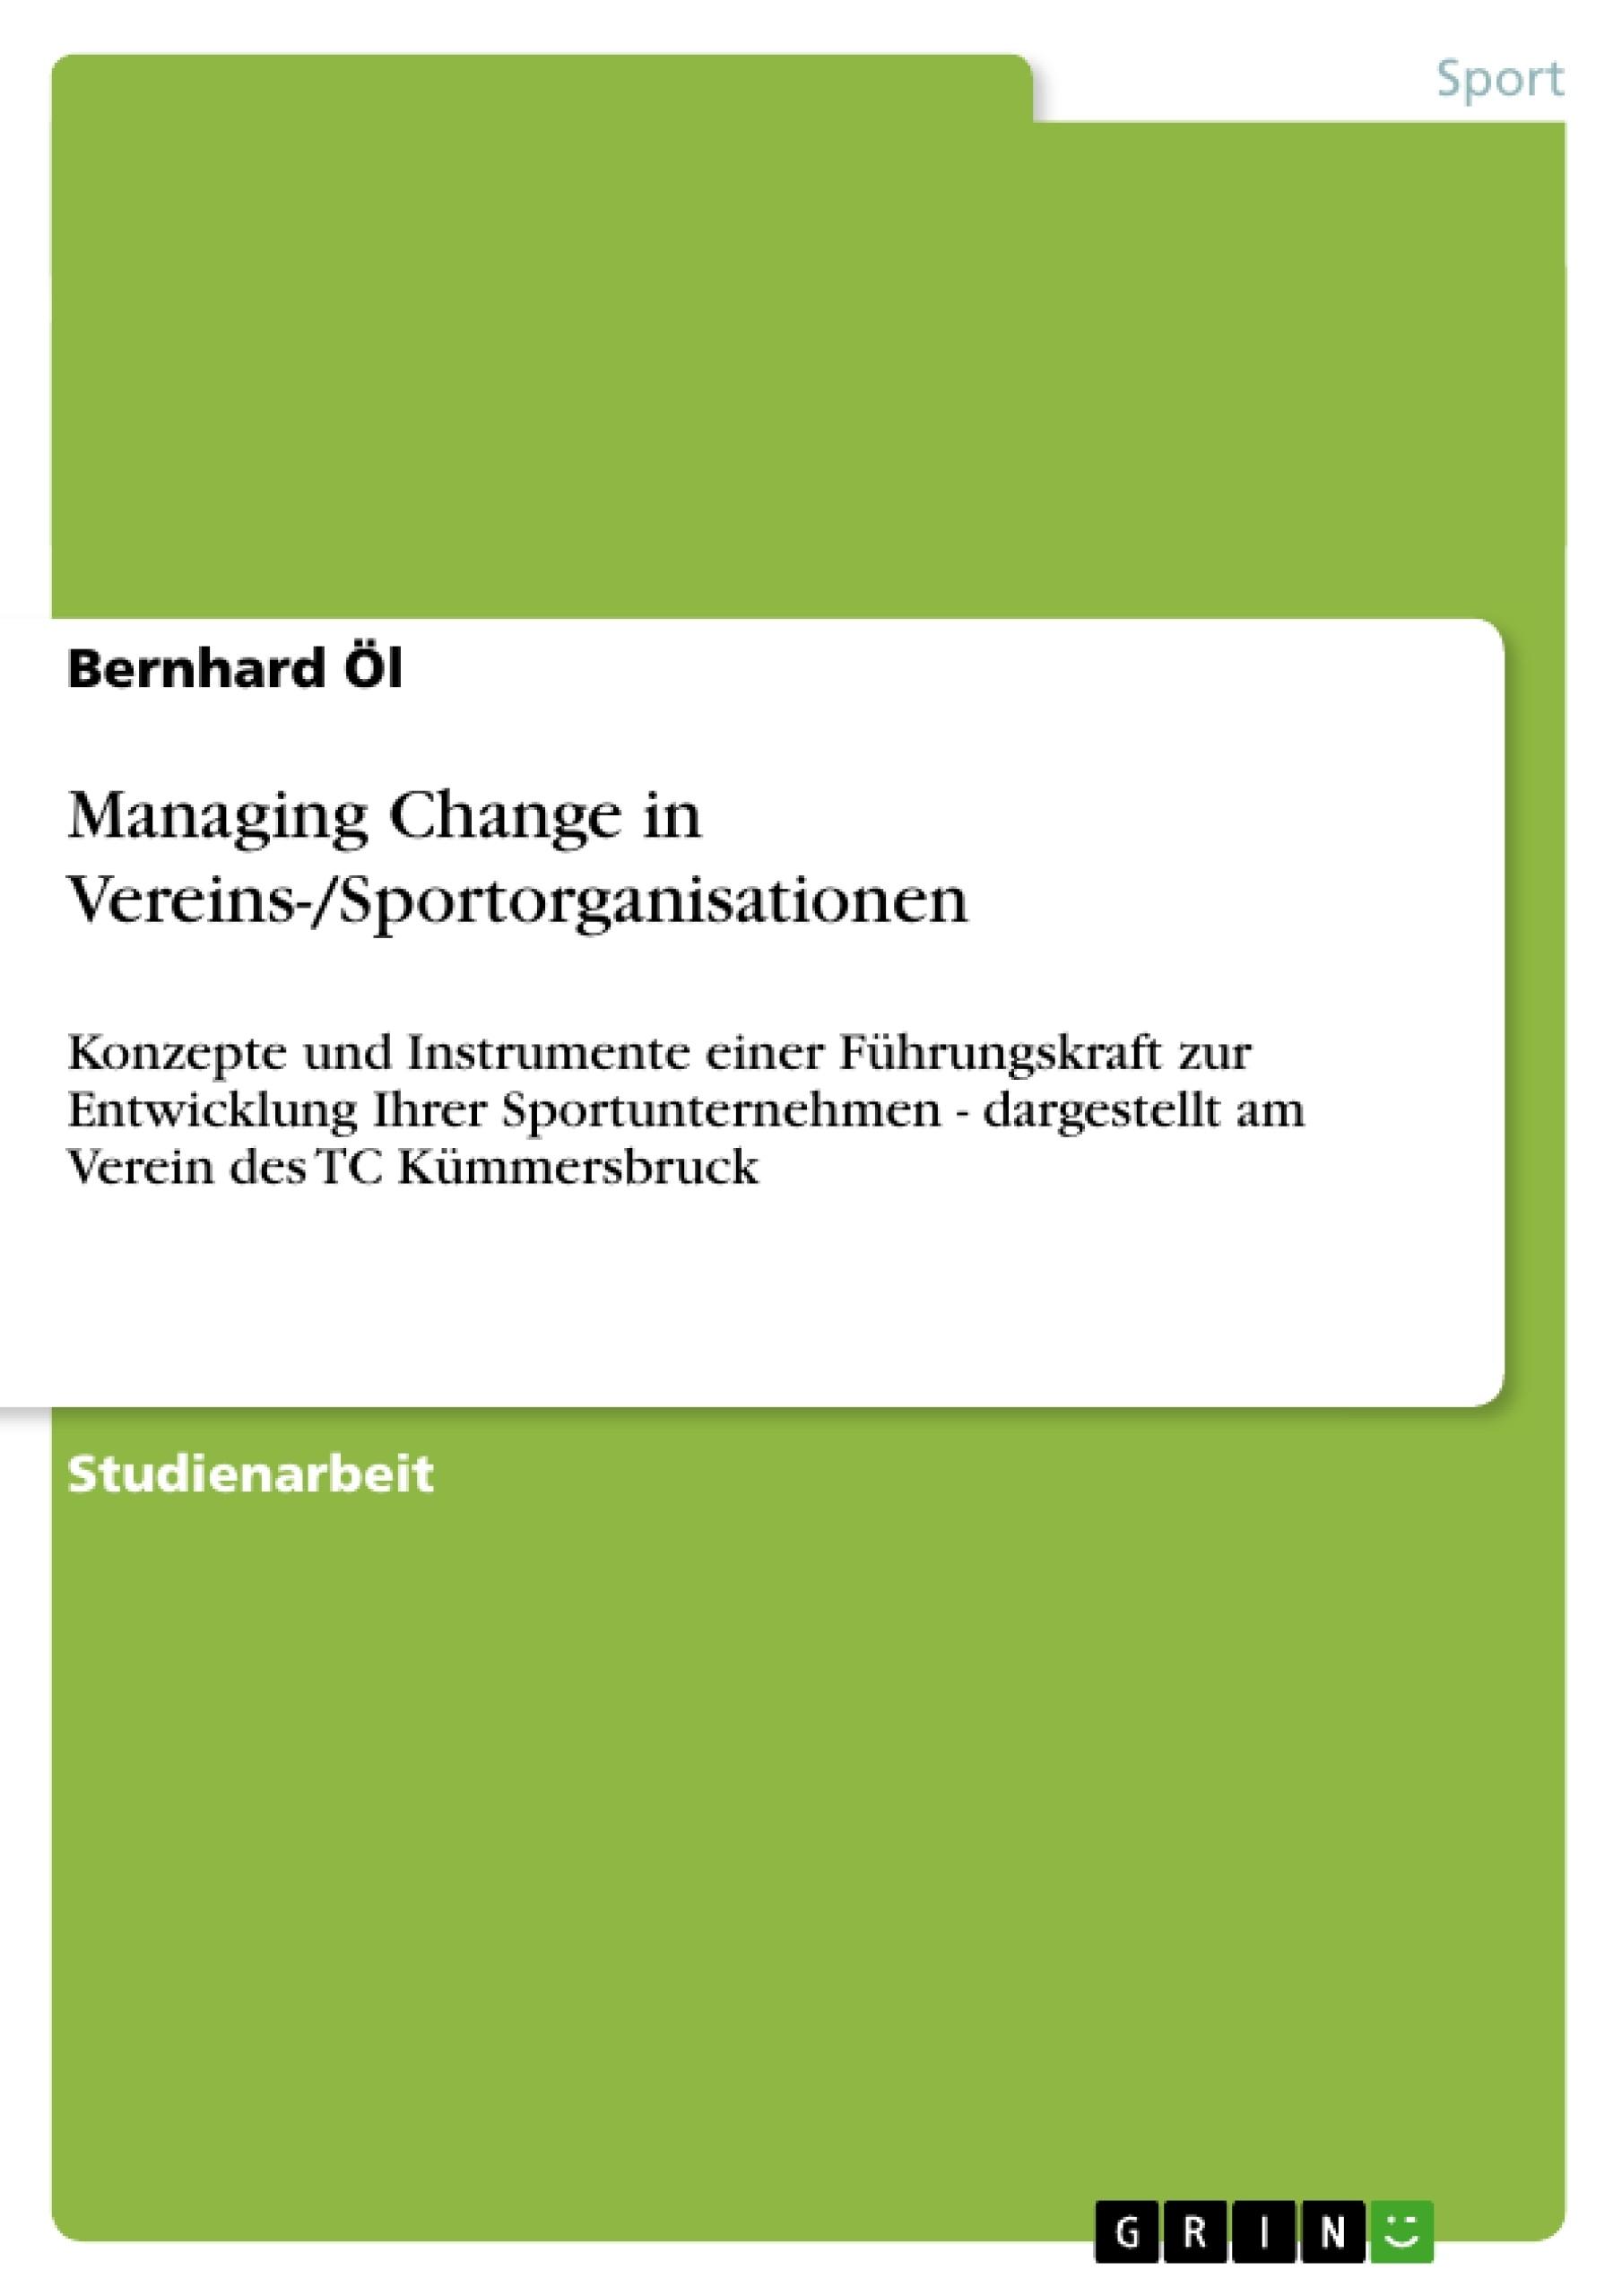 Titel: Managing Change in Vereins-/Sportorganisationen